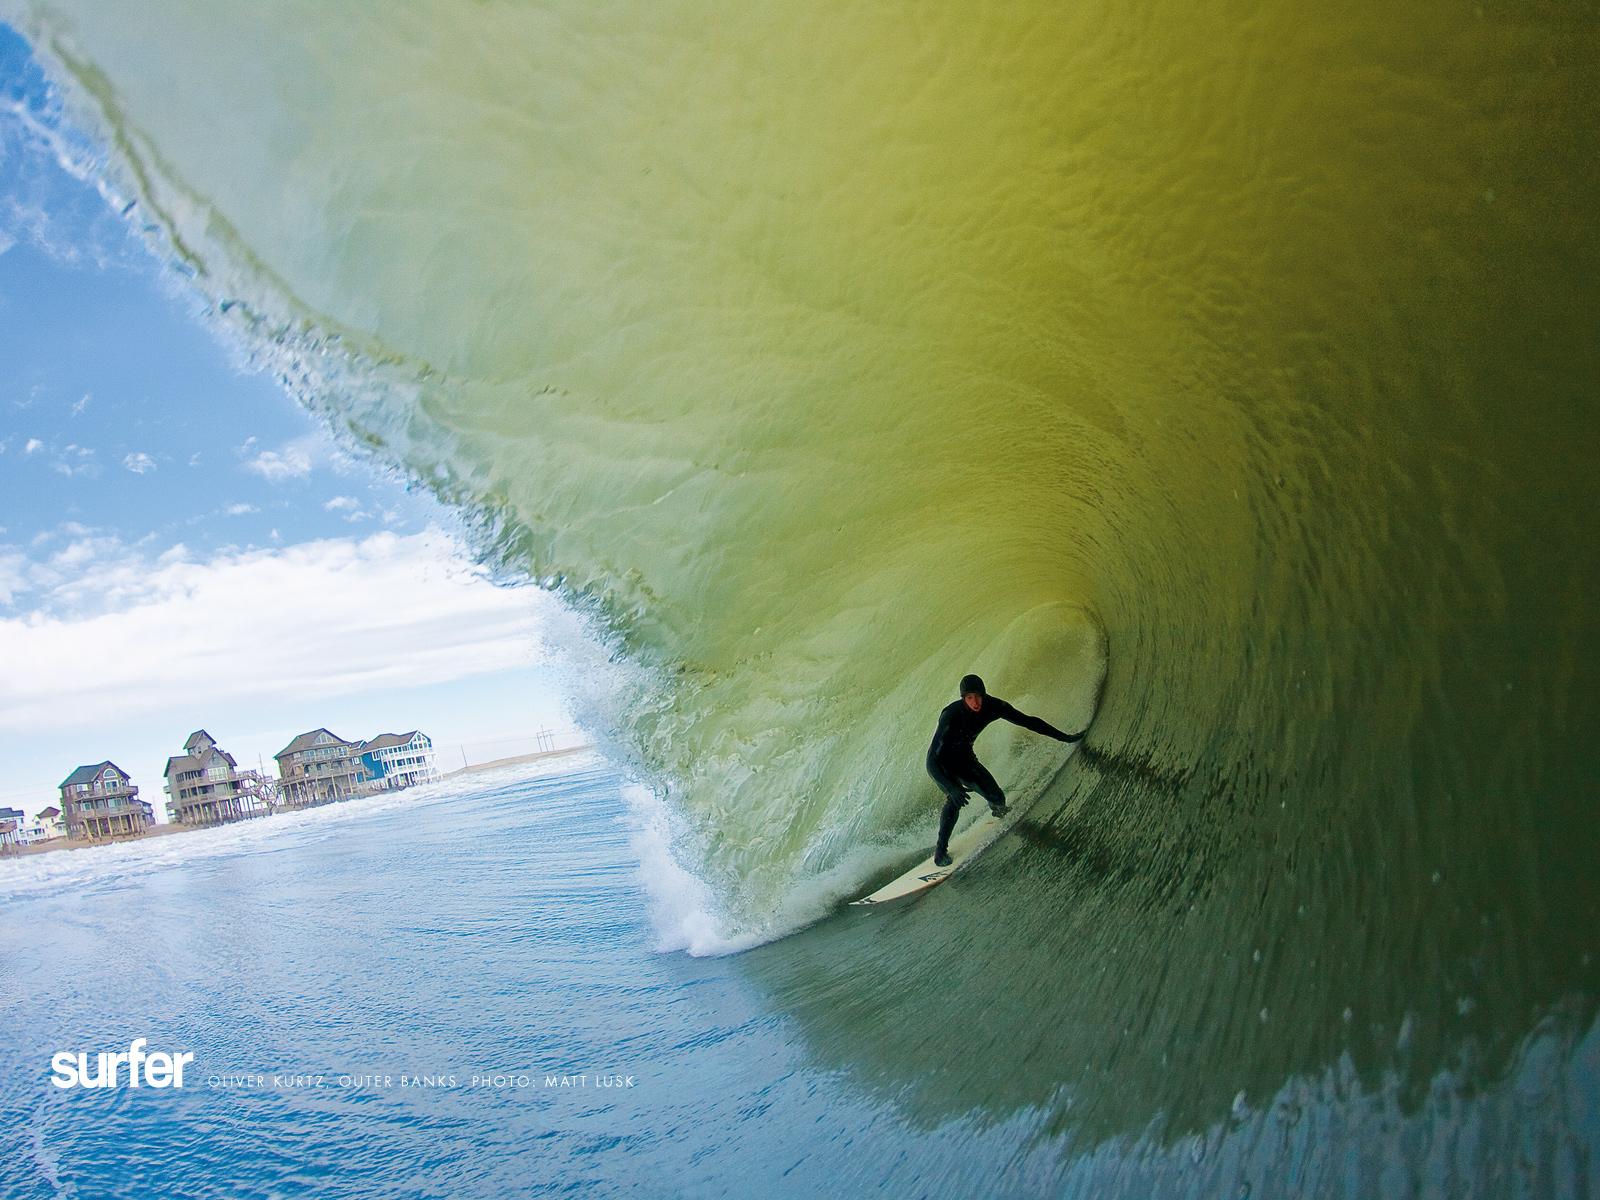 http://4.bp.blogspot.com/-nXEOHYO0Cl4/Tw7QXk8dpzI/AAAAAAAABWY/AuJfkrBgir8/s1600/Surfing+Wallpaper+3.jpg